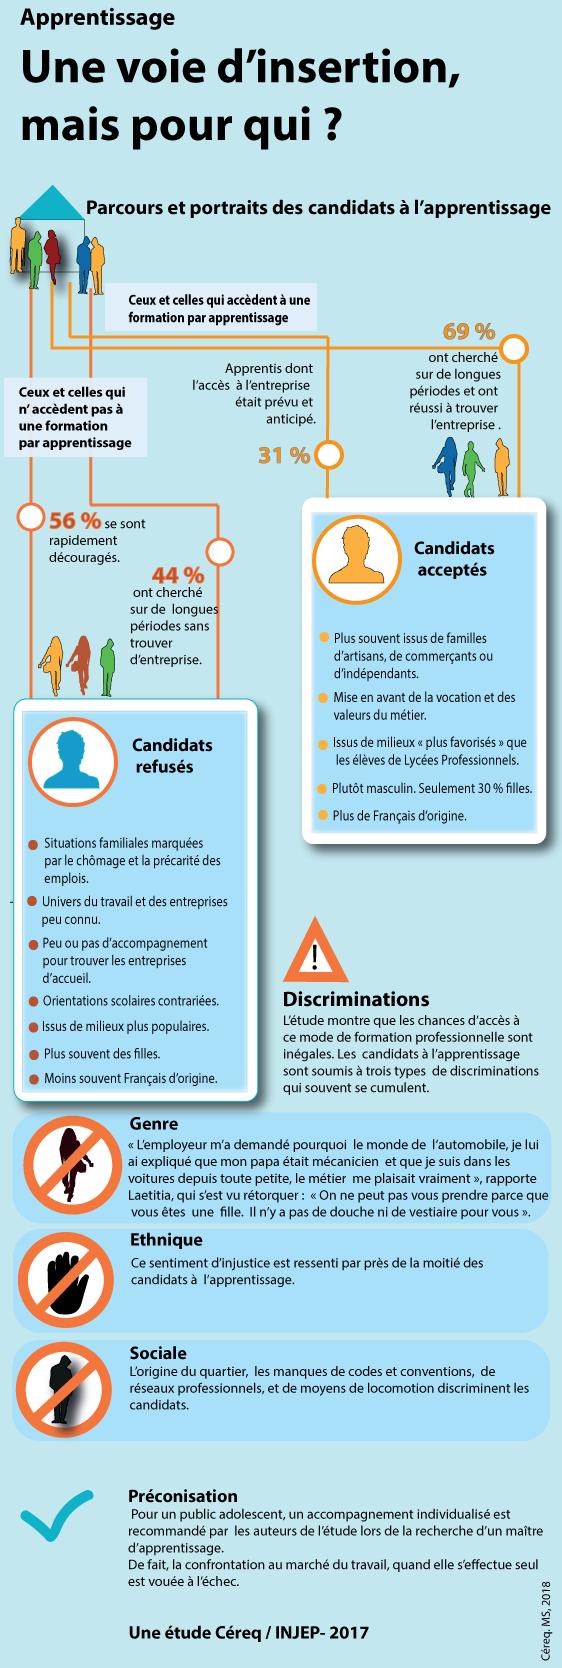 les-candidats-a-l-apprentissage-doivent-franchir-pour-reussir-des-discrimnations-de-genre-ethnique-et-sociale